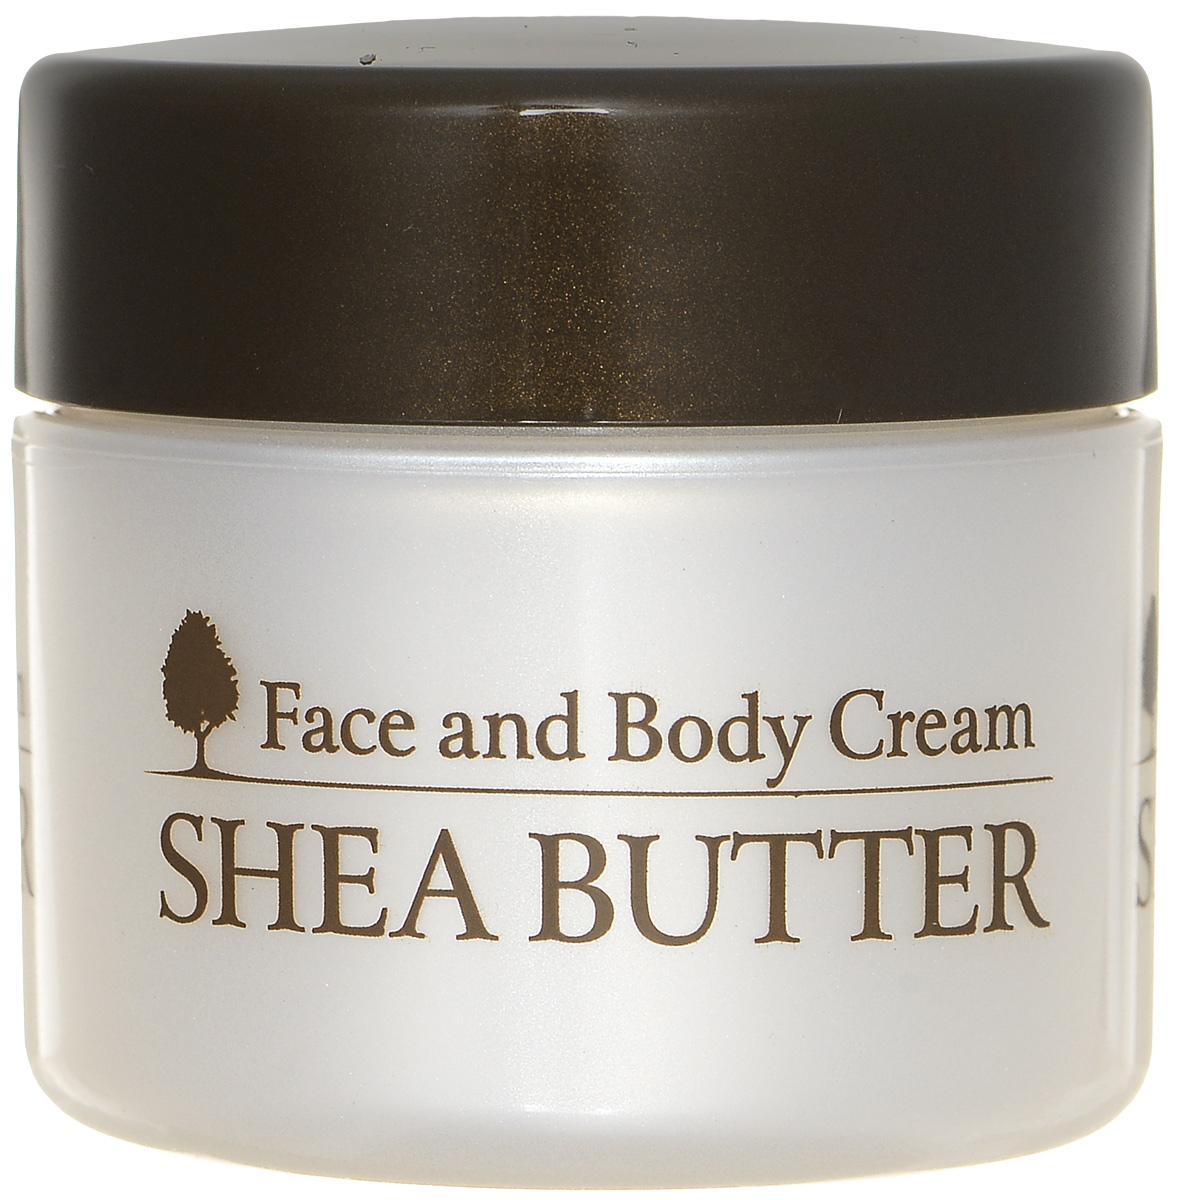 Meishoku Крем для очень сухой кожи лица с маслом дерева Ши, 30 г164187Крем, содержащий 100% масло Ши, рекомендуется для очень сухой, обезвоженной кожи, склонной к шелушению. Сохраняя влагу в течение долгого времени, защищает кожу от высыхания. Обладая густой текстурой, крем легко наносится, не оставляя ощущения липкости. Смягчает кожу, насыщает влагой, делает ее гладкой, нежной и мягкой.Масло Ши - превосходный защитный и смягчающий компонент. Предохраняет кожу от высыхания; замедляет старение кожи; обладает регенерирующими свойствами, активизируя синтез коллагена; защищает кожу от УФ-лучей; является источником витаминов А и Е.Рафинированные природные масла эвкалипта, лимона и апельсина придают крему естественный растительный аромат.Крем имеет низкую кислотность. Не содержит ароматизаторов, синтетических красителей, спирта.